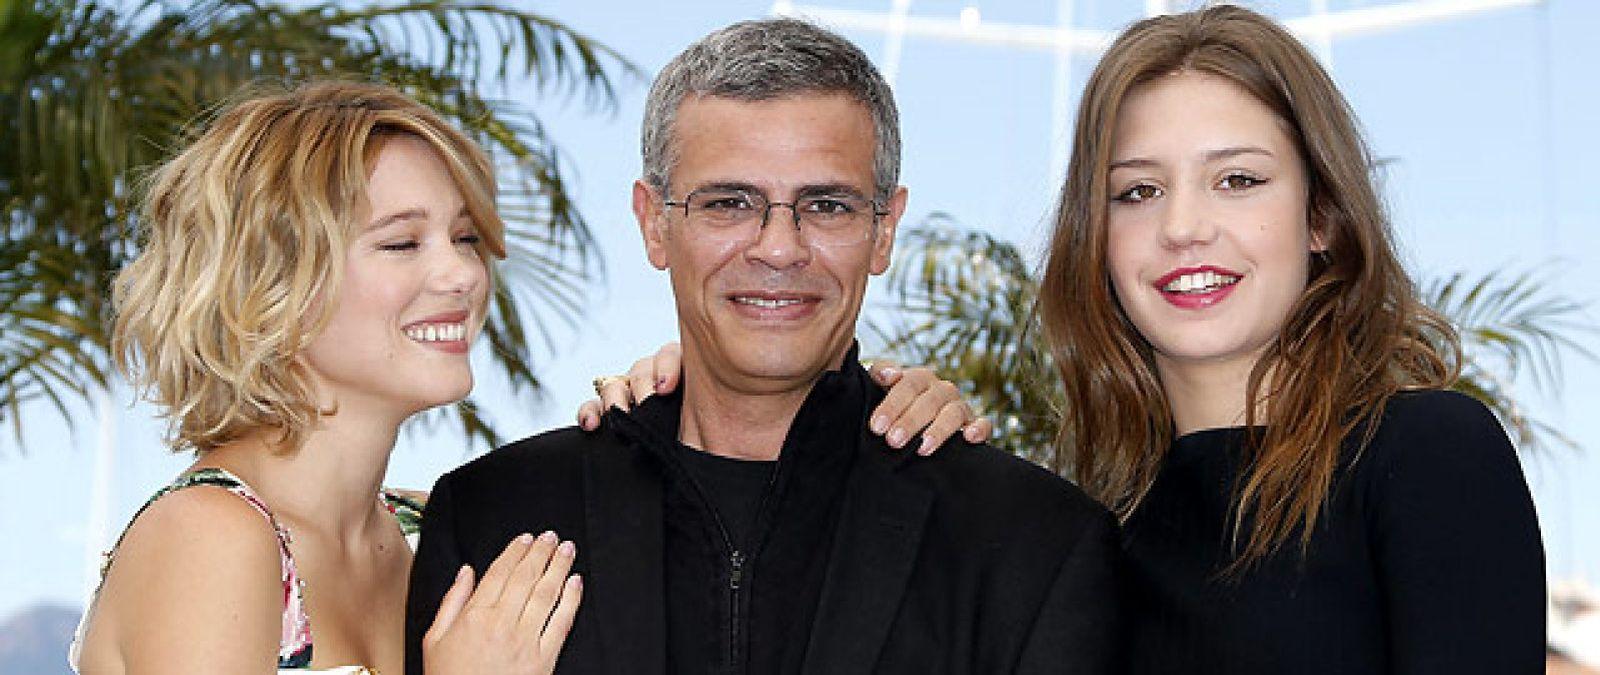 Foto: Una historia de amor lésbico conquista al jurado de Cannes